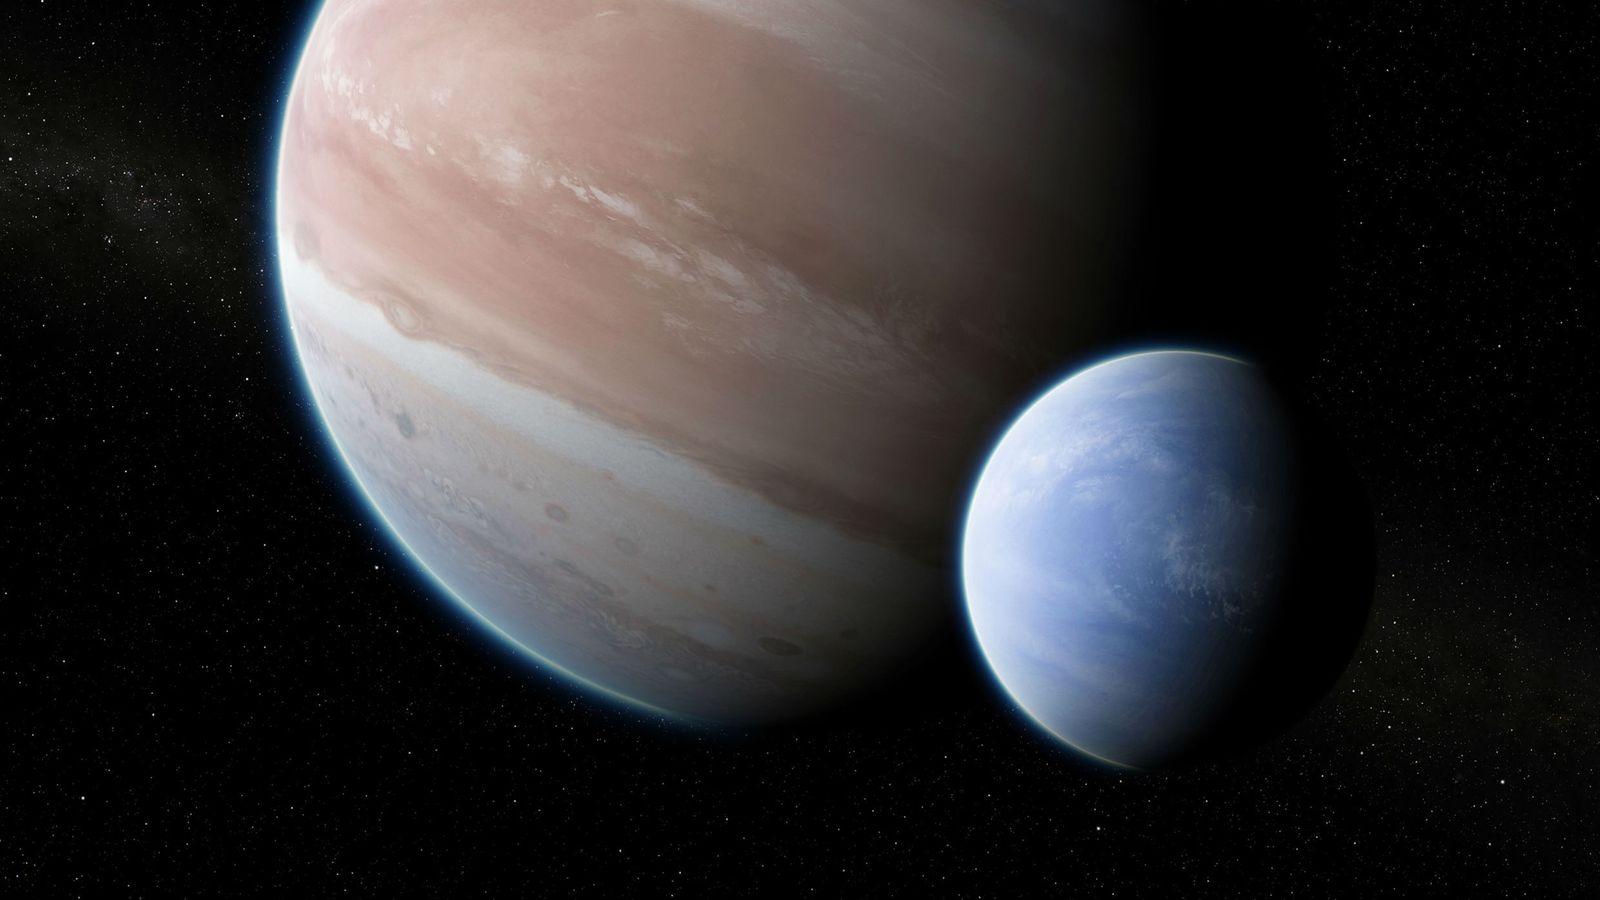 Una gran luna orbita el planeta Kepler 1625b del tamaño de Júpiter en una ilustración.